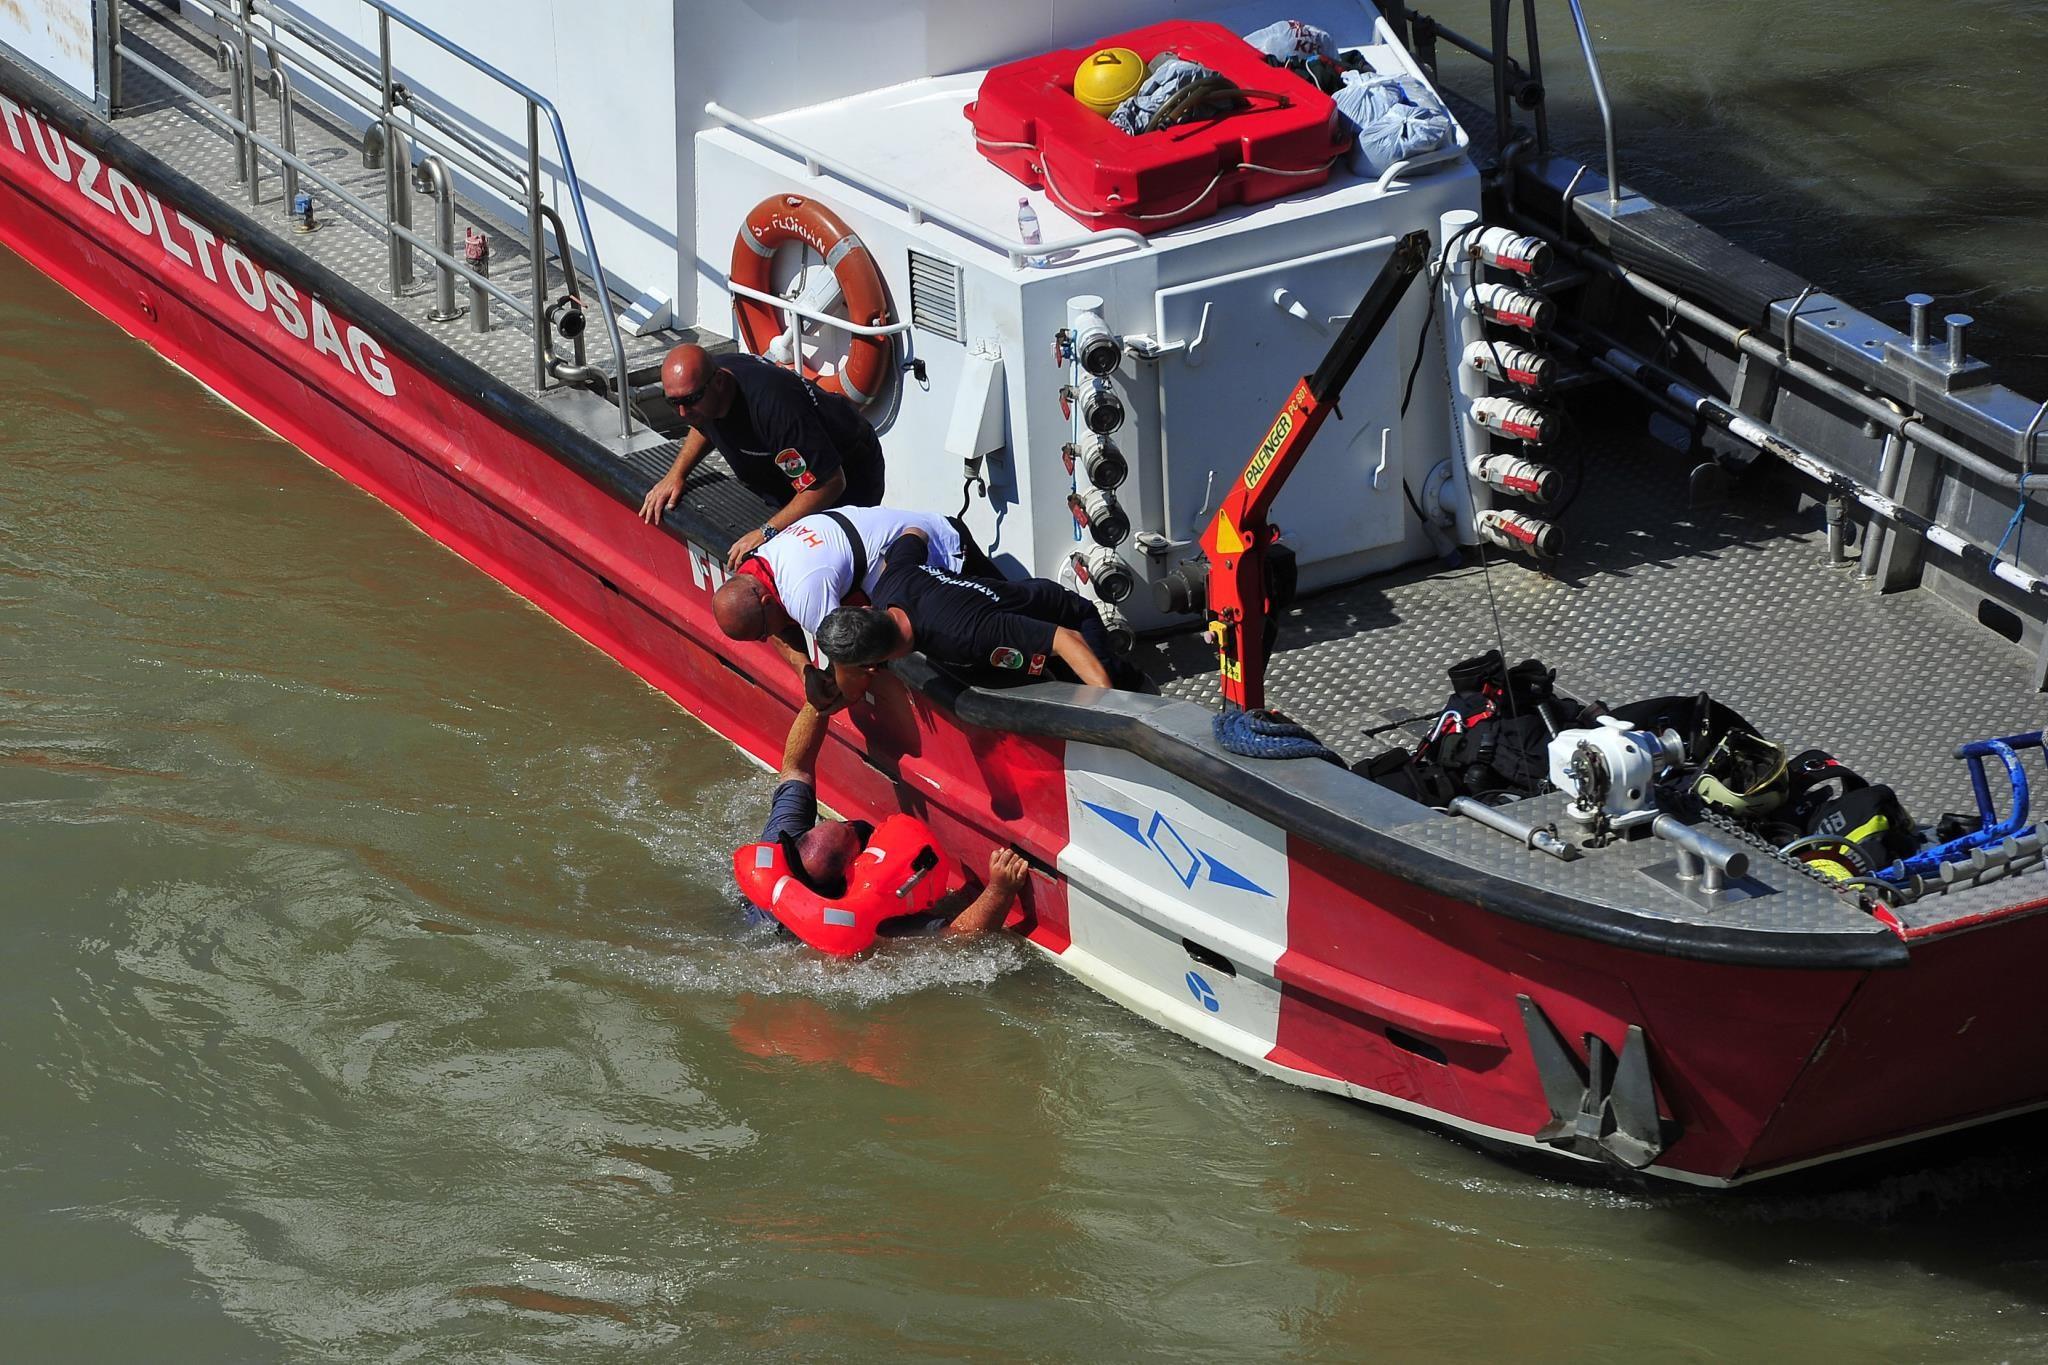 Vízbe esett szakembert mentenek ki a Dunából a balesetben elsüllyedt Hableány turistahajó roncsának kiemelésekor a Margit hídnál 2019. június 11-én